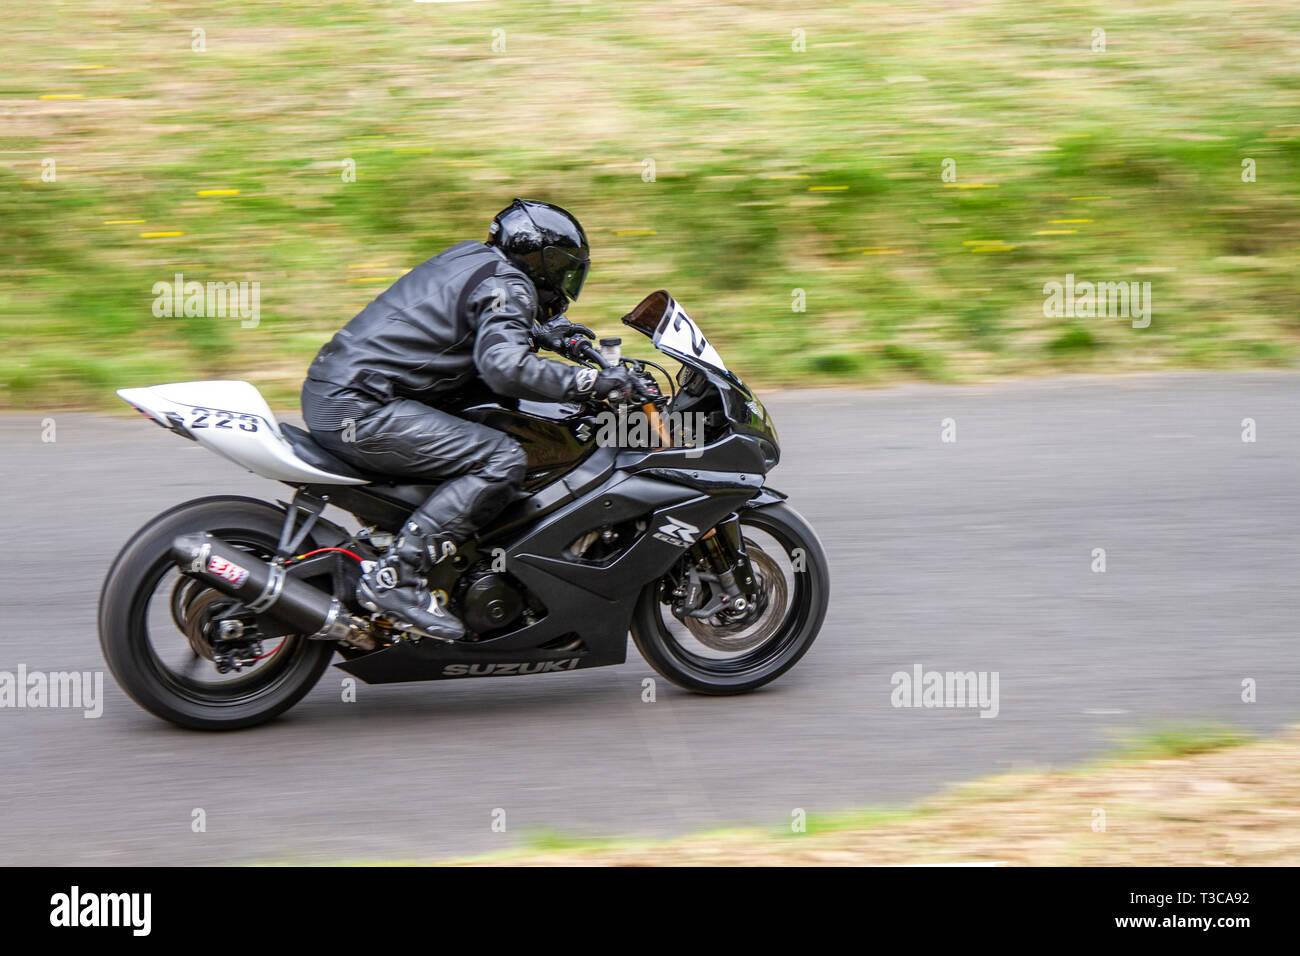 Suzuki Bike Uk Stock Photos & Suzuki Bike Uk Stock Images